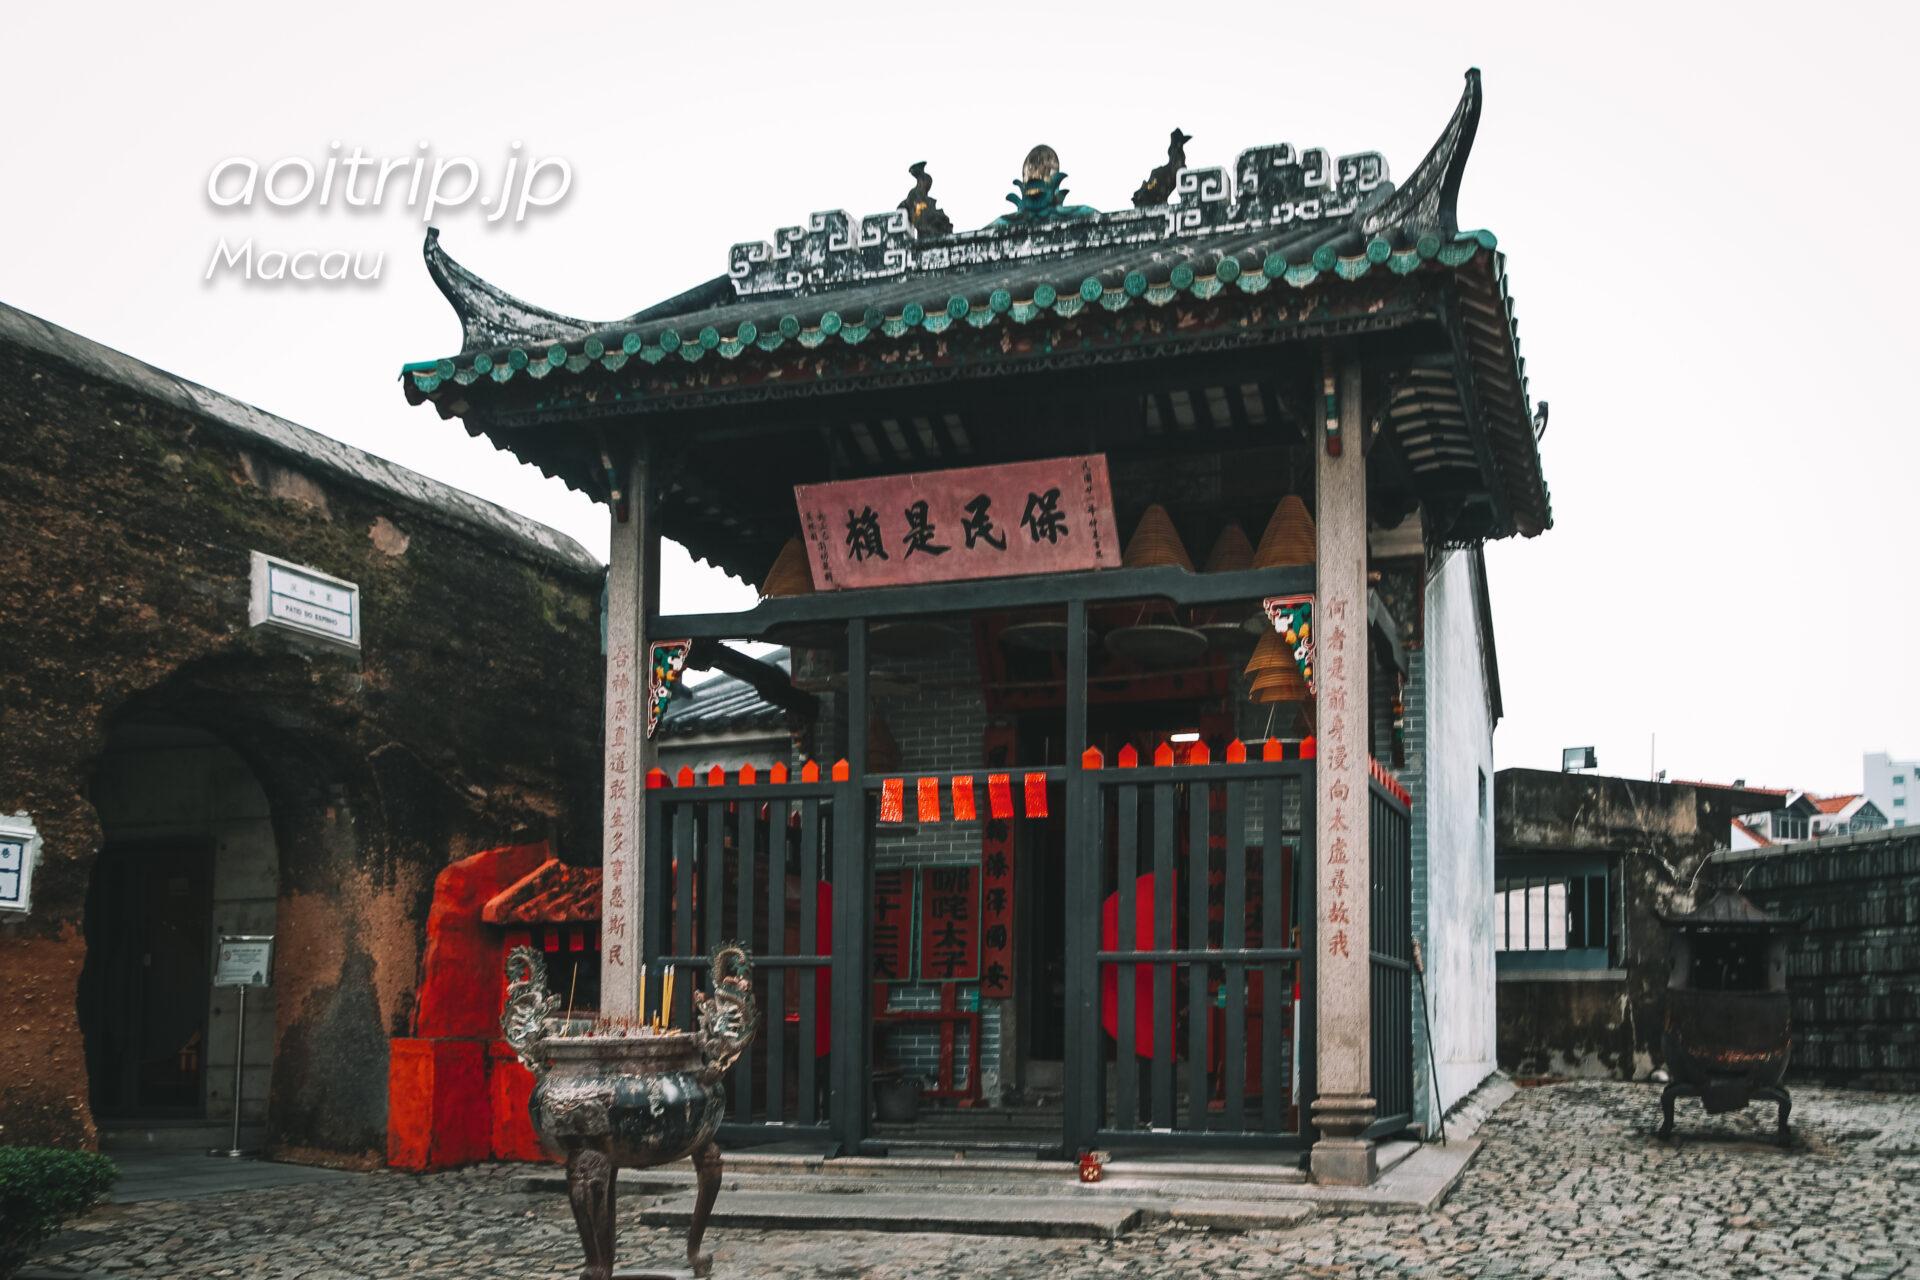 マカオ ナーチャ廟 Na Tcha Temple